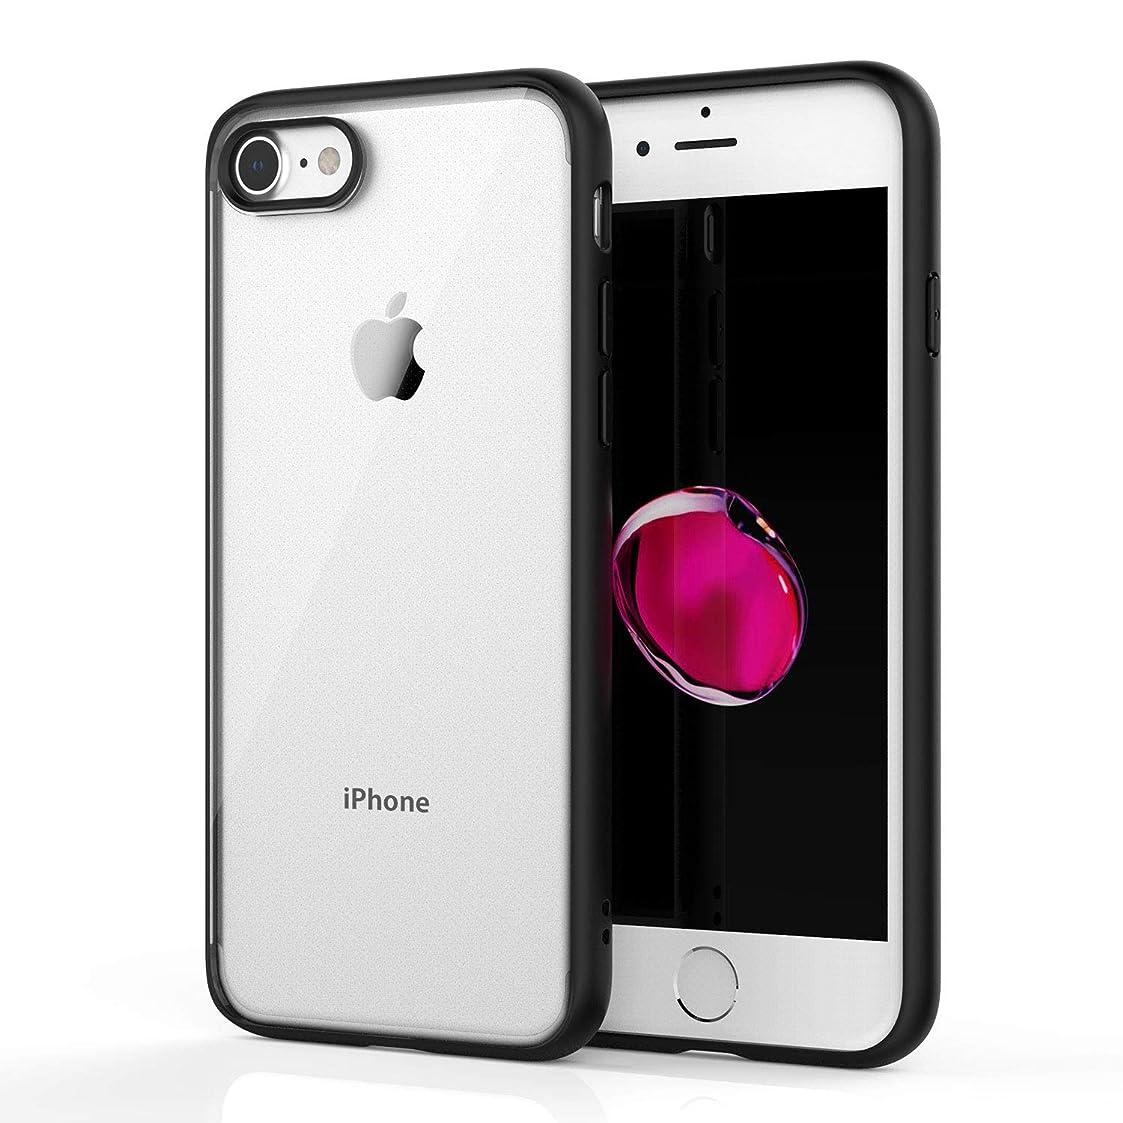 鍔ランドマーク冷笑するNimaso iPhone8 ケース/ iPhone7 ケース 背面クリア ソフト TPU バンパー 薄型 耐衝撃 全面保護 ワイヤレス充電 ストラップホール(ブラック)